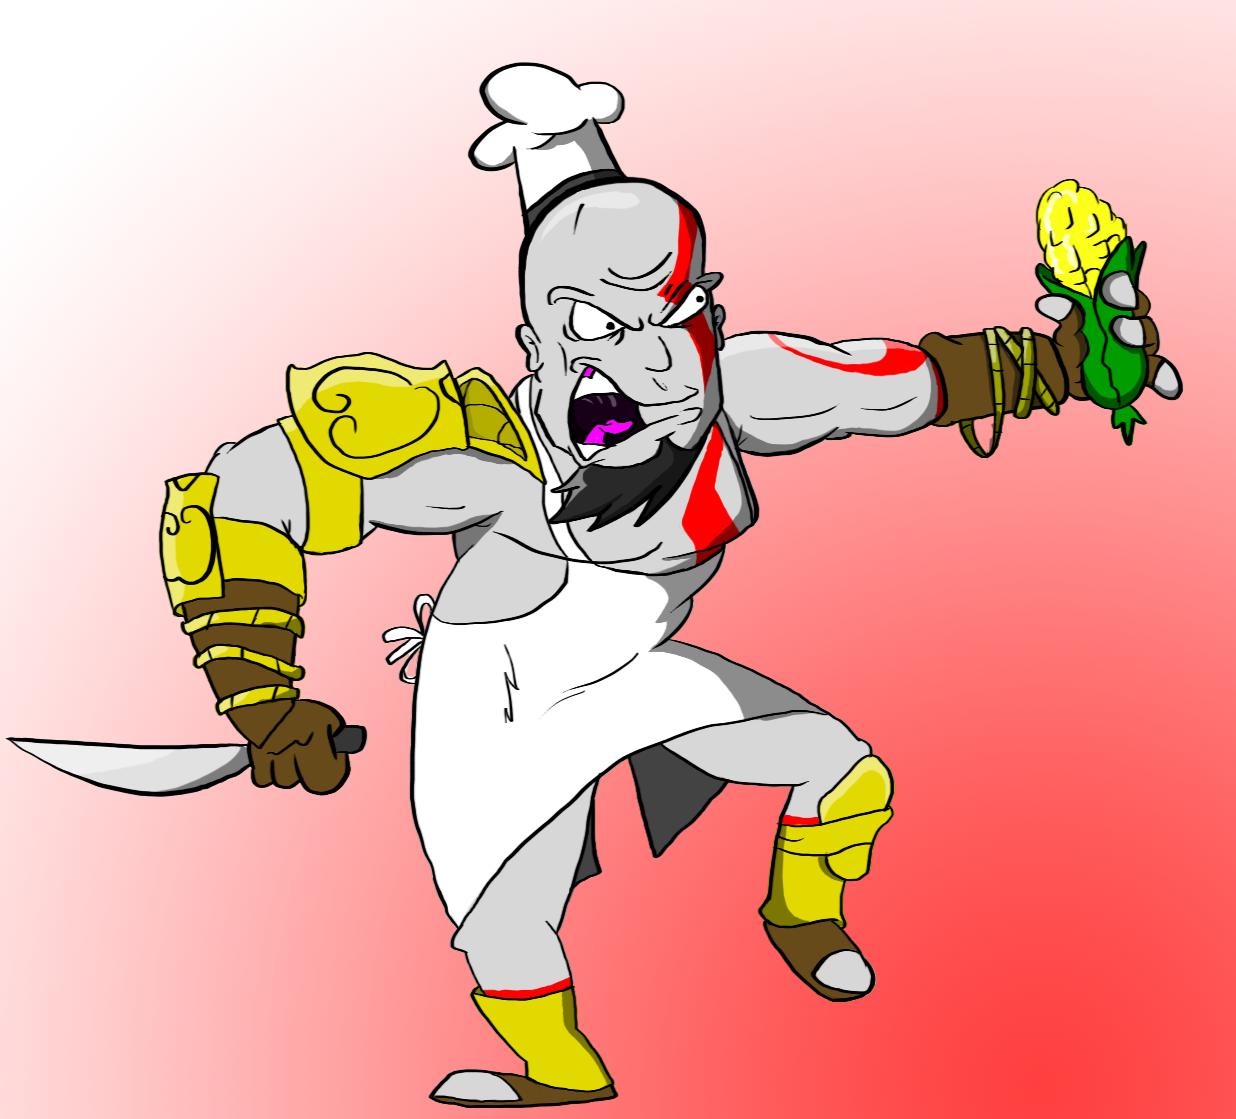 Kratos: God of Corn